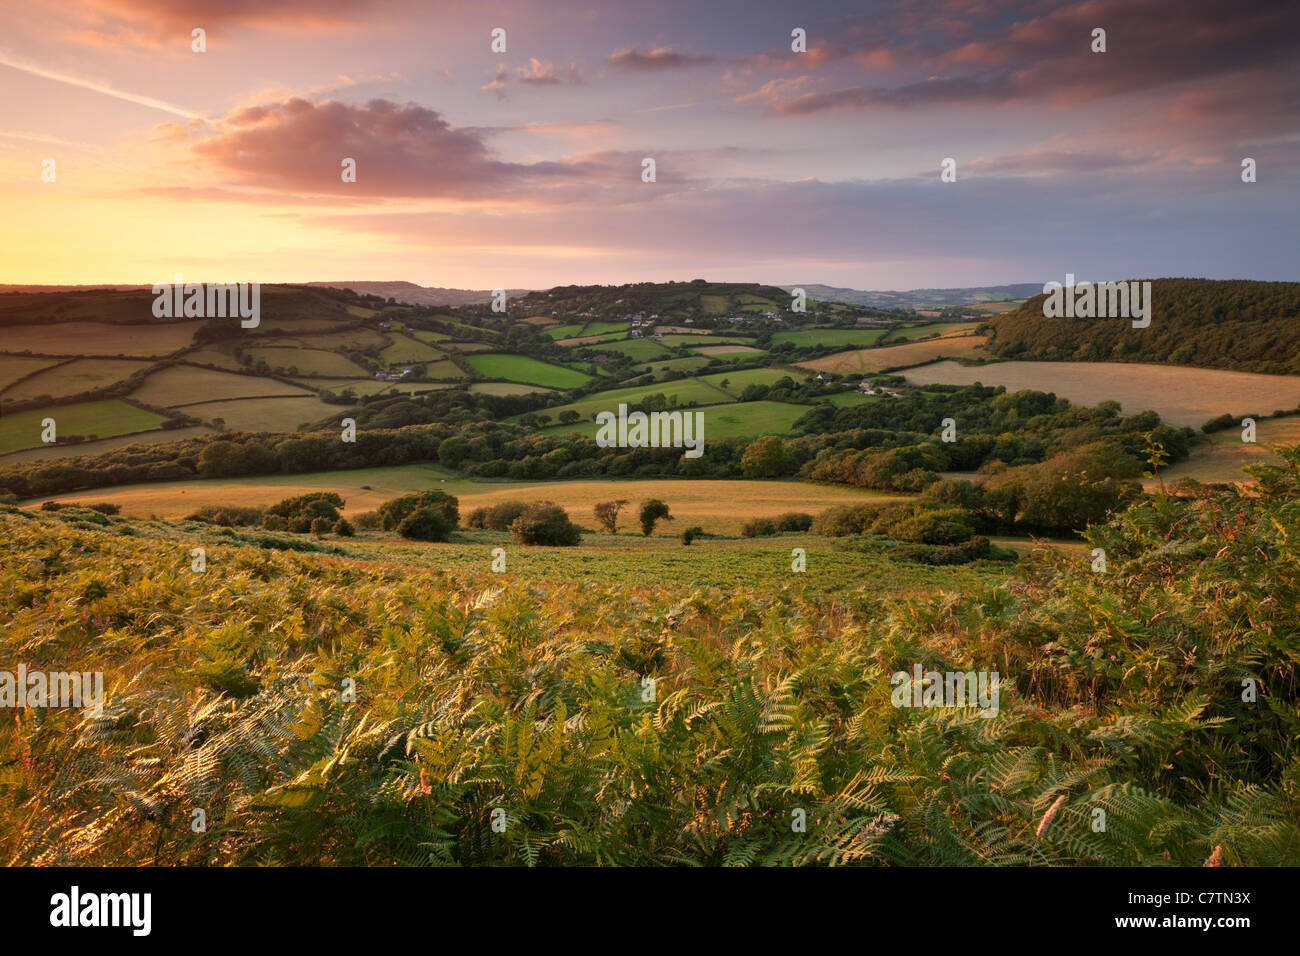 La laminazione di campagna del Dorset visto dal Golden Cap, Dorset, Inghilterra. In estate (Luglio) 2011. Immagini Stock